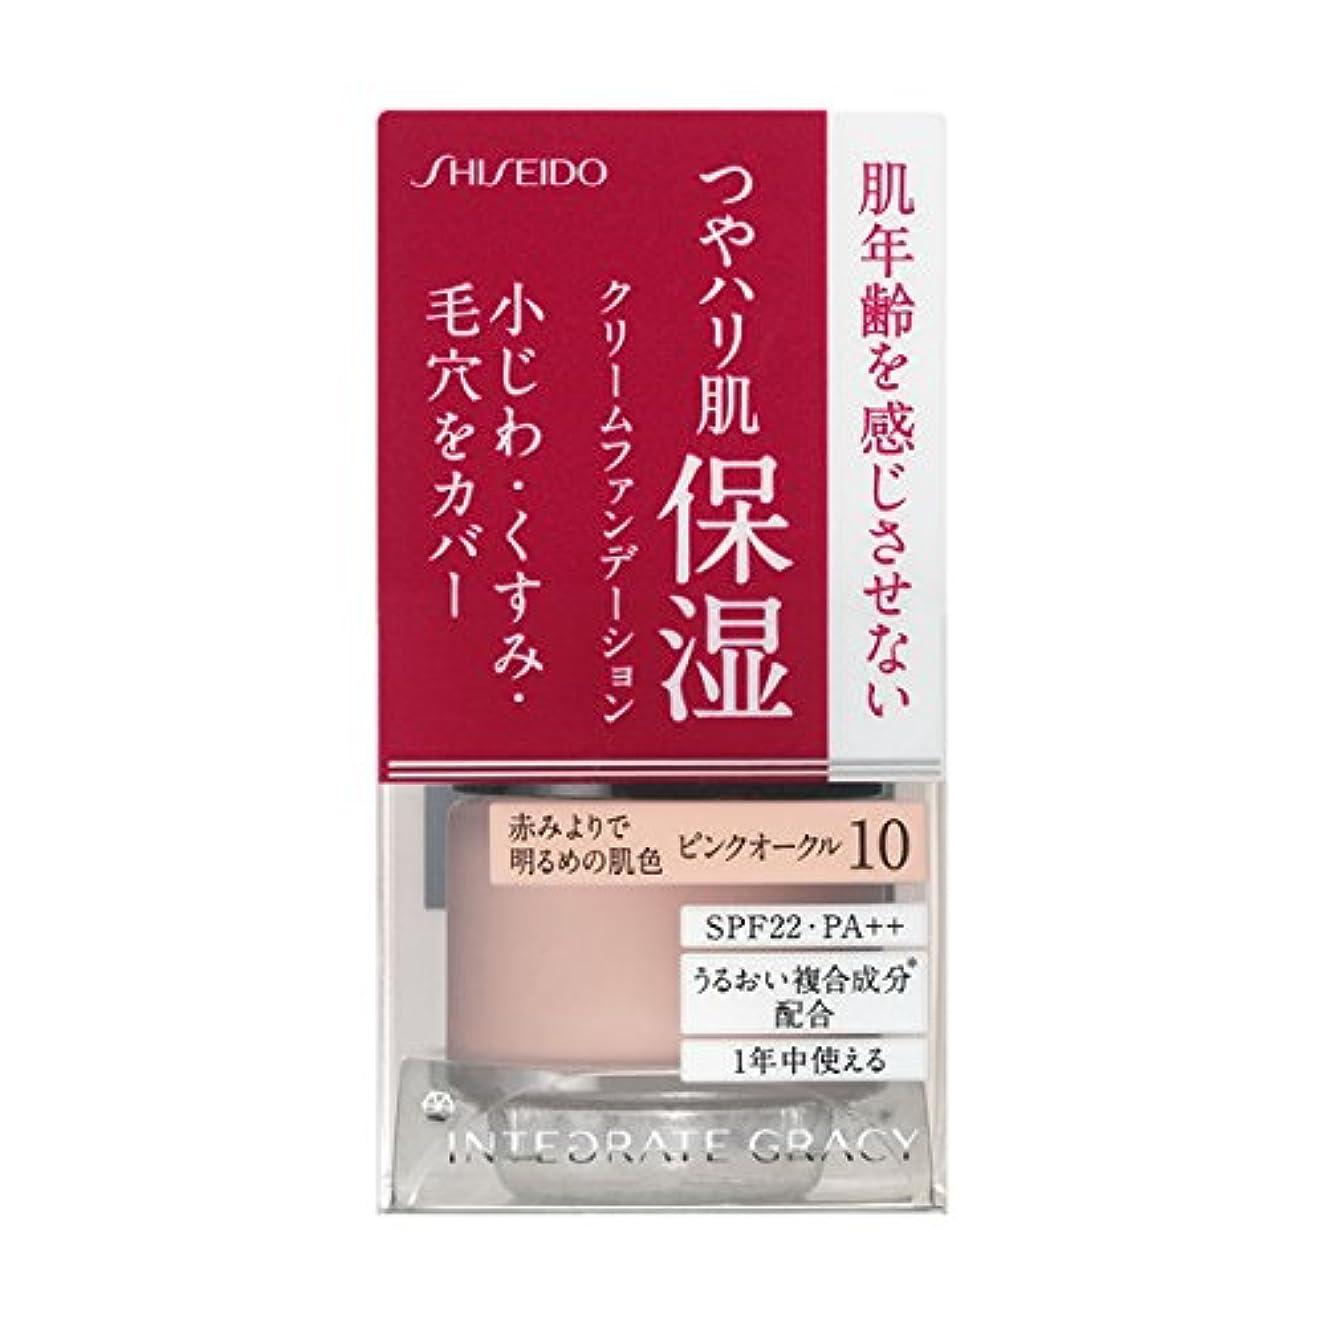 女王粉砕するチューブ資生堂 インテグレート グレイシィ モイストクリーム ファンデーション ピンクオークル10 PO10